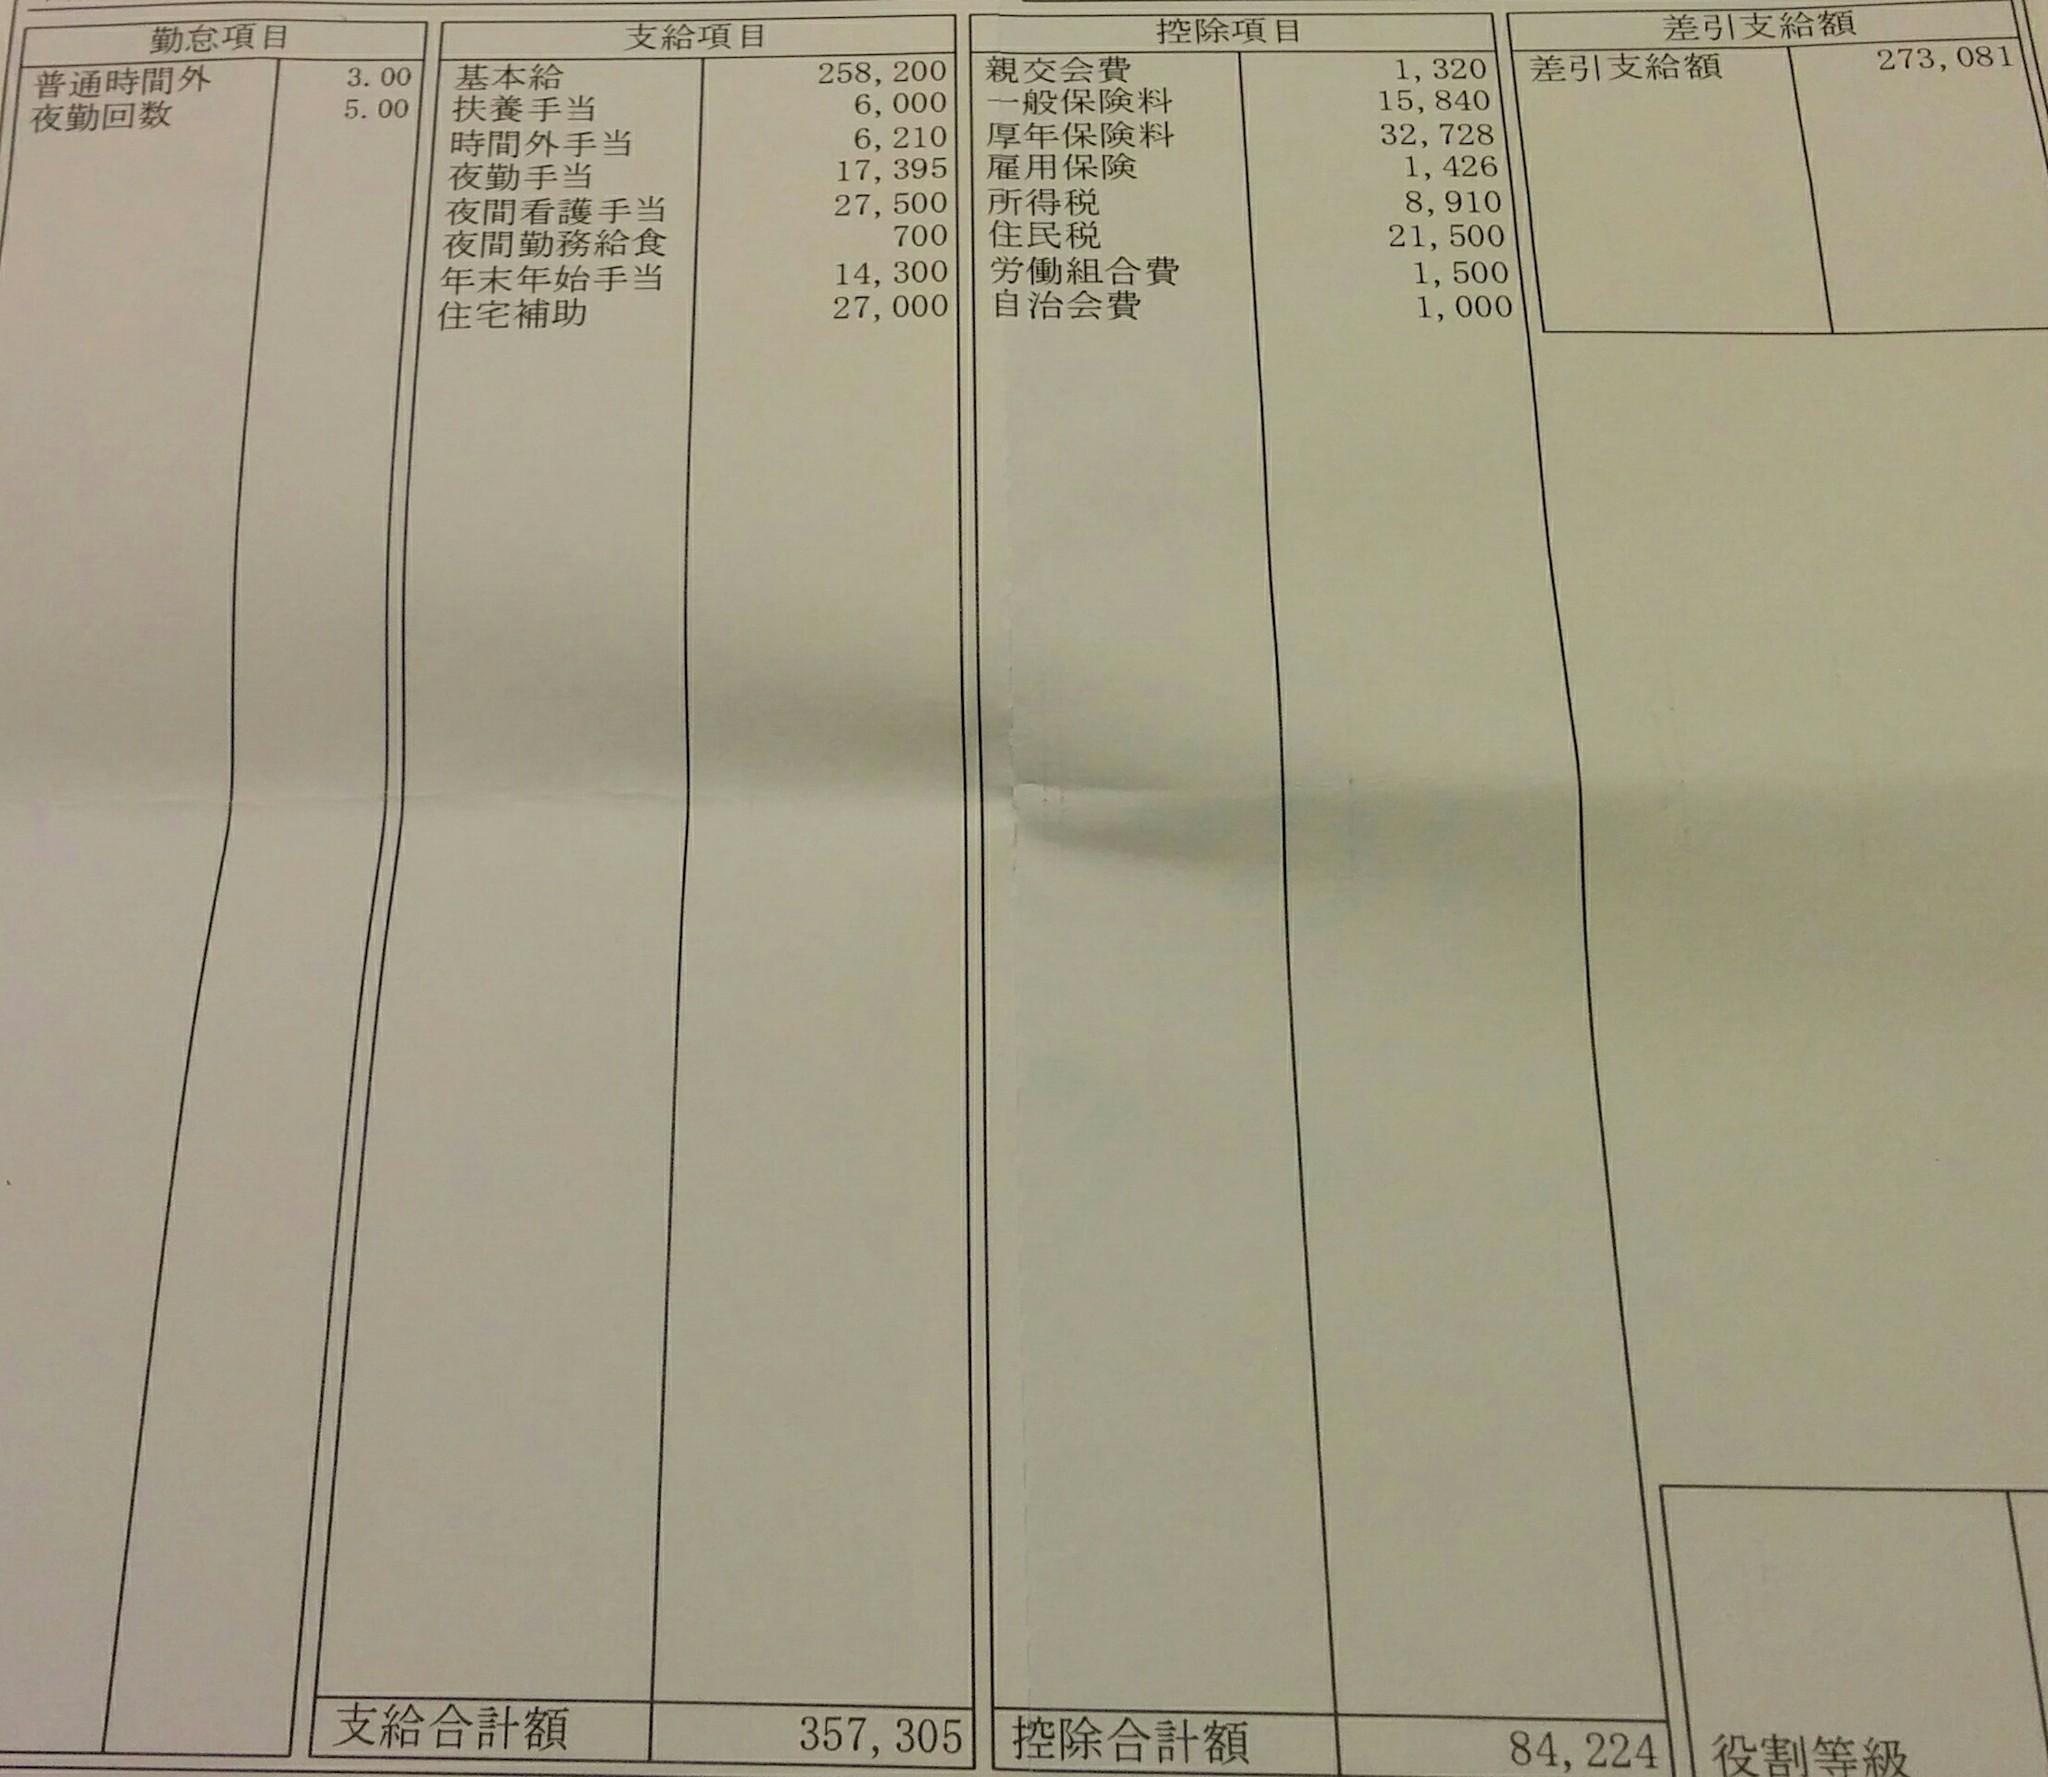 【実際の画像】小倉記念病院・看護師の給与明細・ボーナス・年収・口コミ